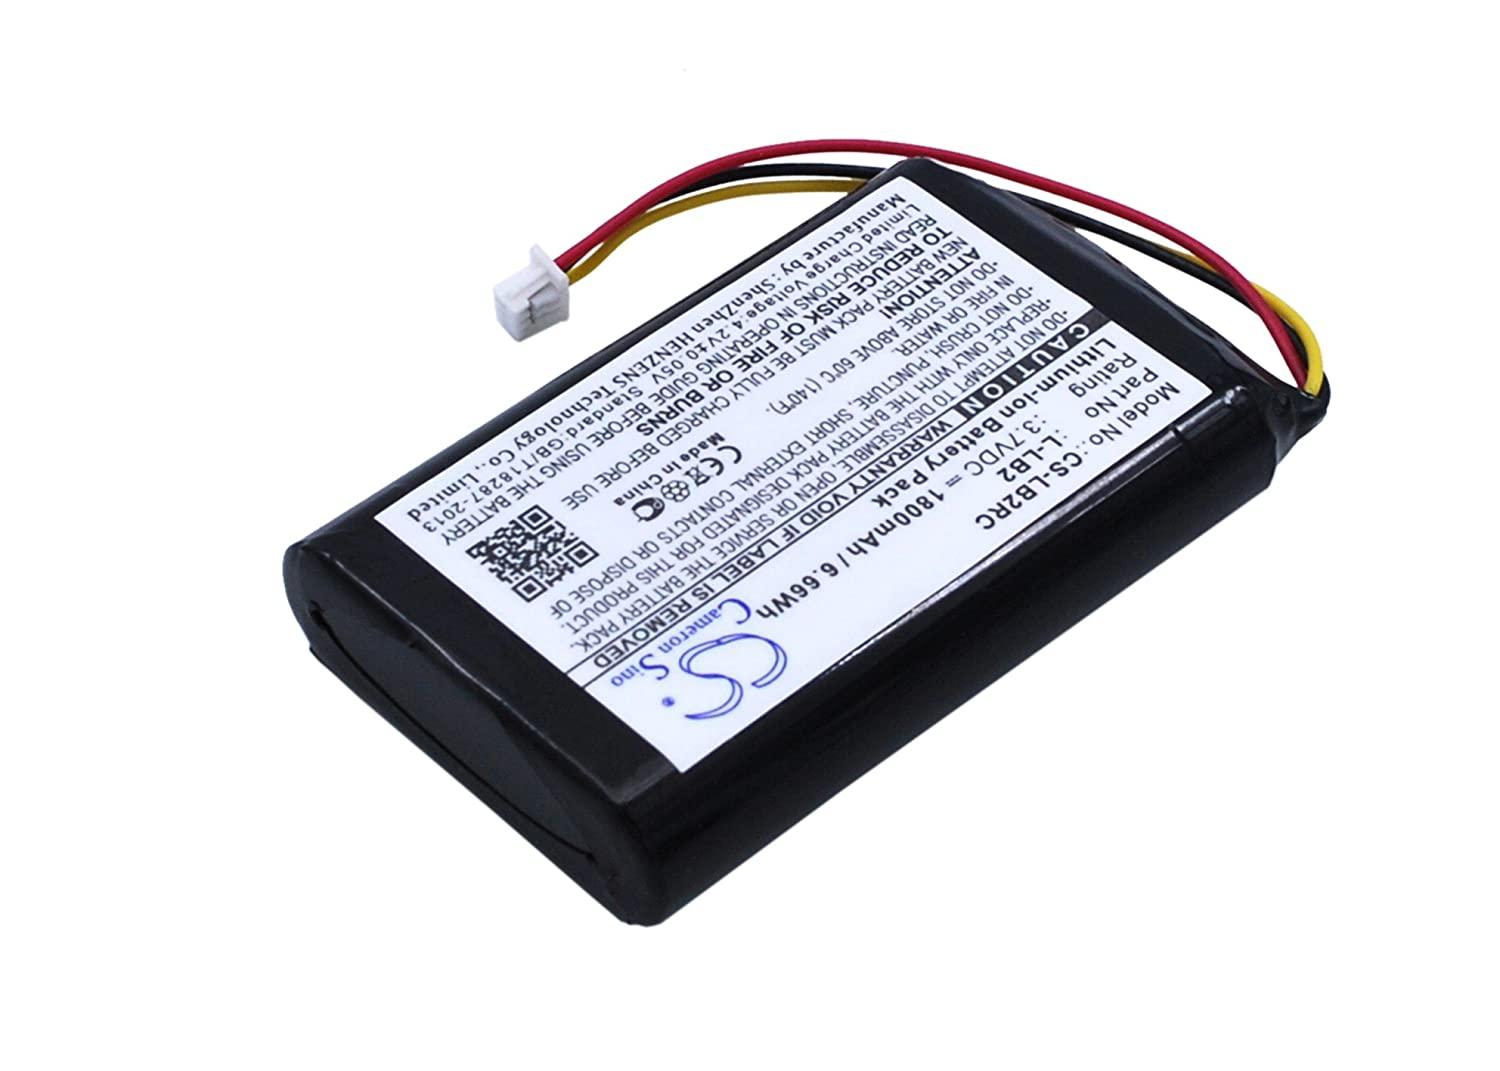 VINTRONS Li-ion BATTERY Pack Fits Logitech L-LB2, MX1000 cordless mouse